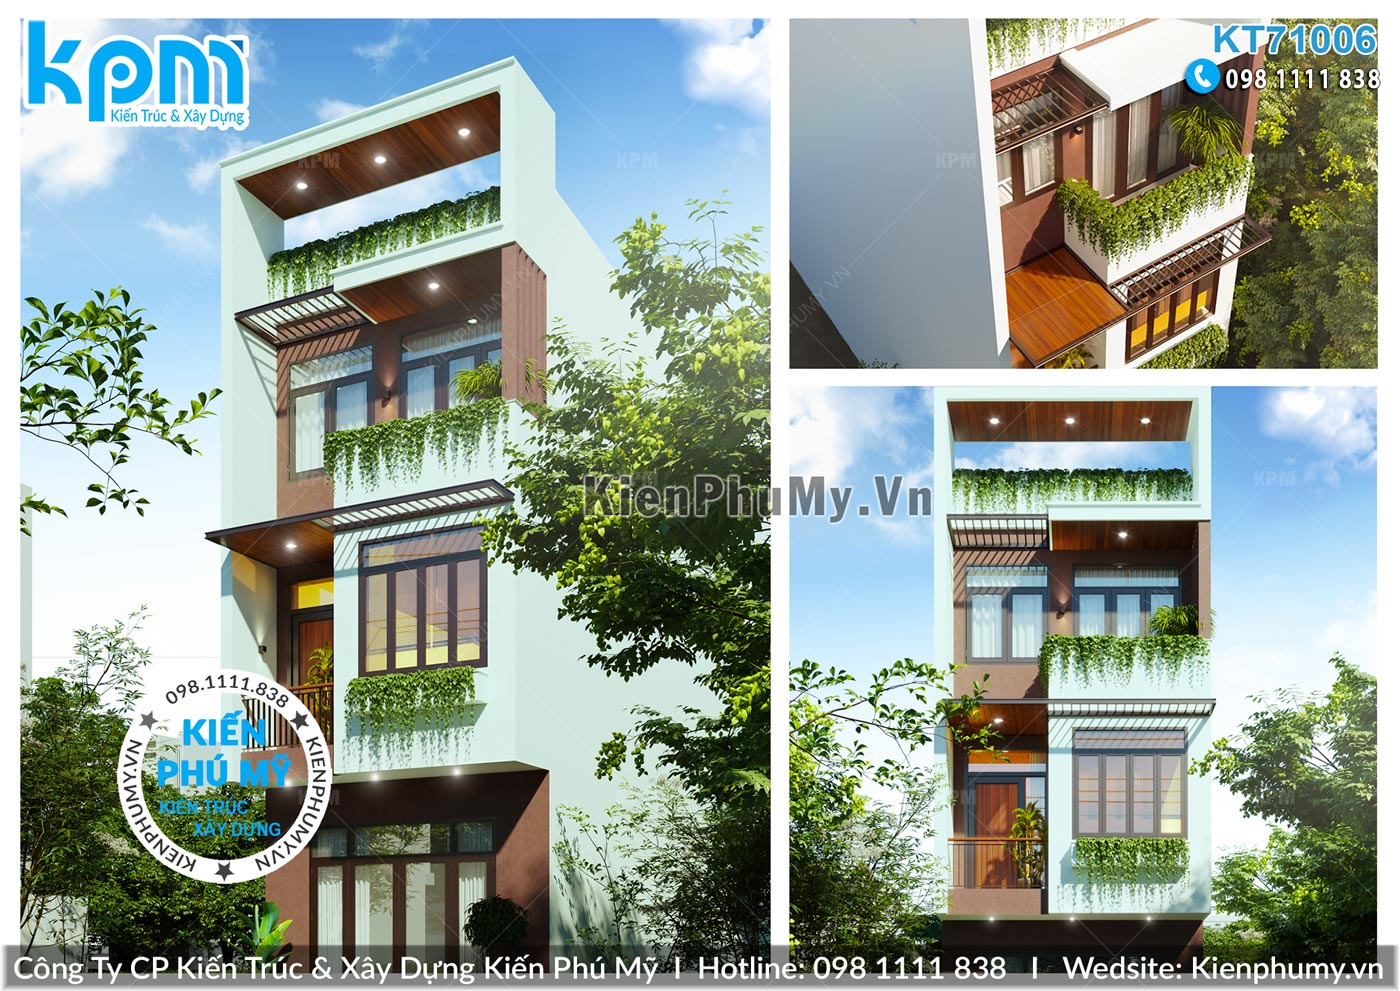 Nhà lô phố 3 tầng 5x15mm kiến trúc hiện đại độc đáo